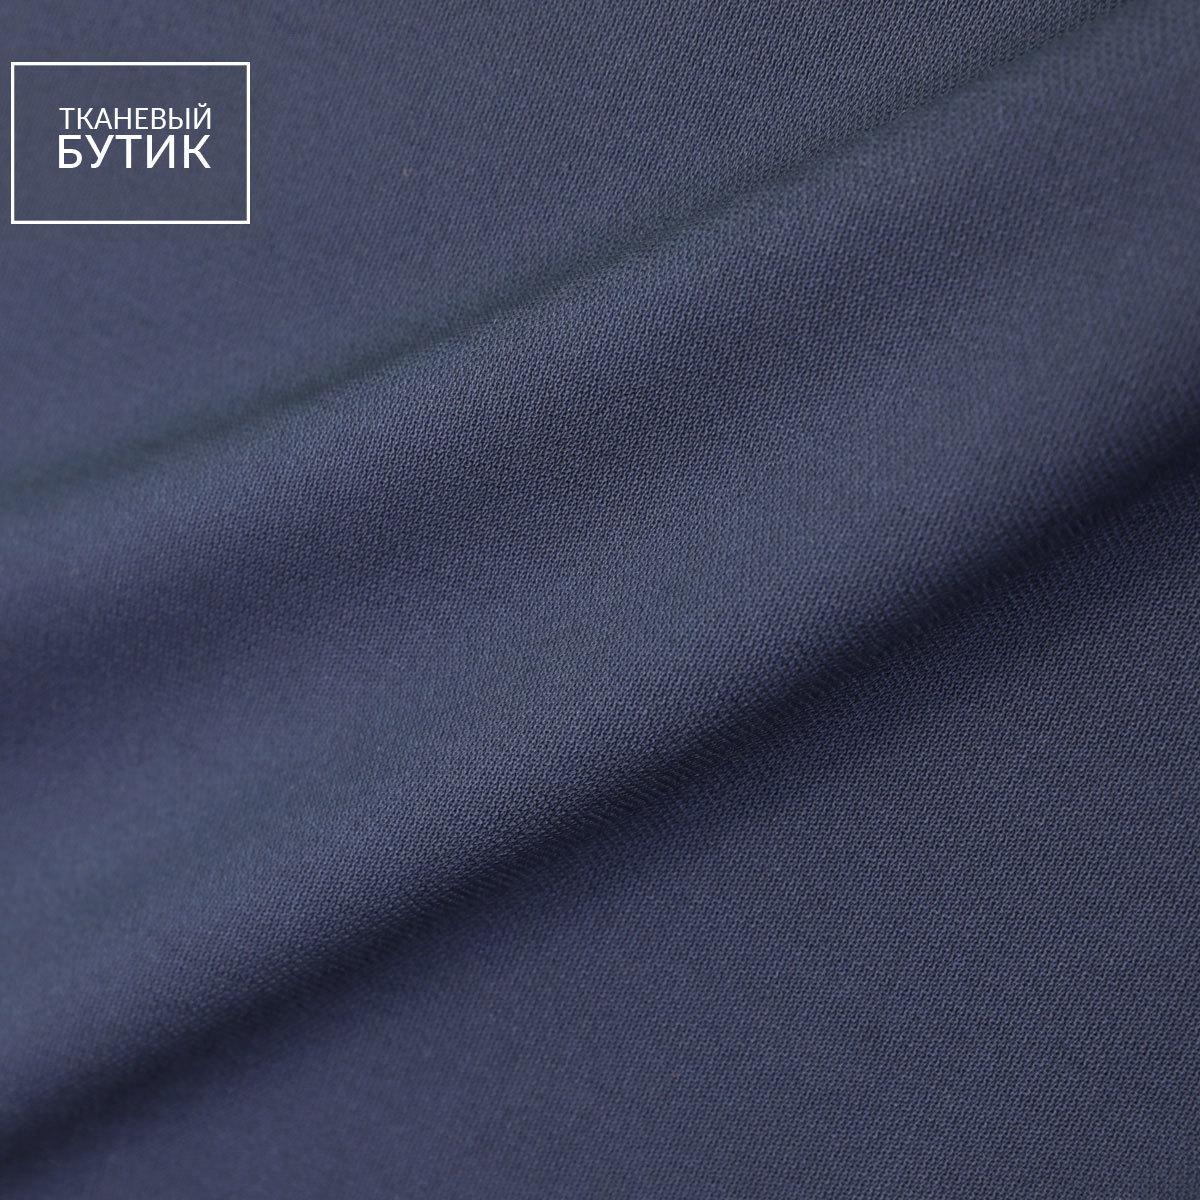 Темно-синяя костюмно-плательная шерстяная ткань с эластаном